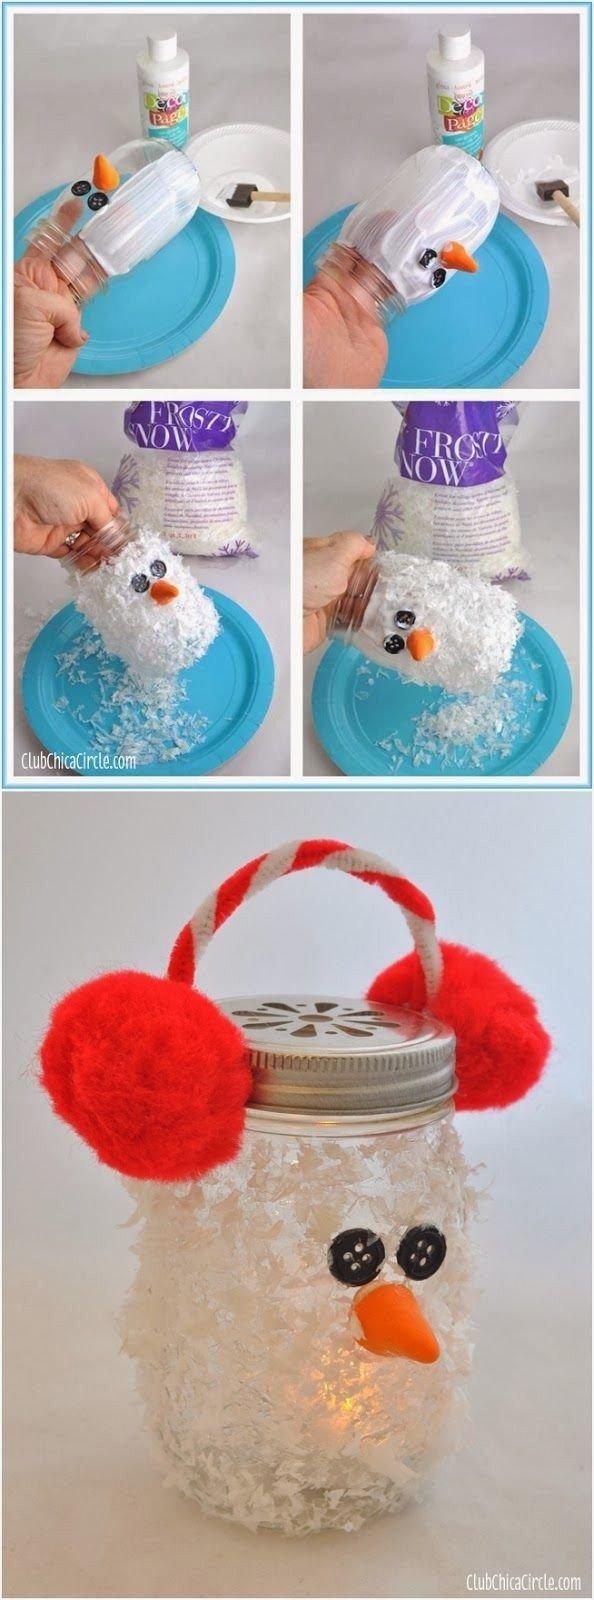 223 best get crafty! images on pinterest   crafts for kids